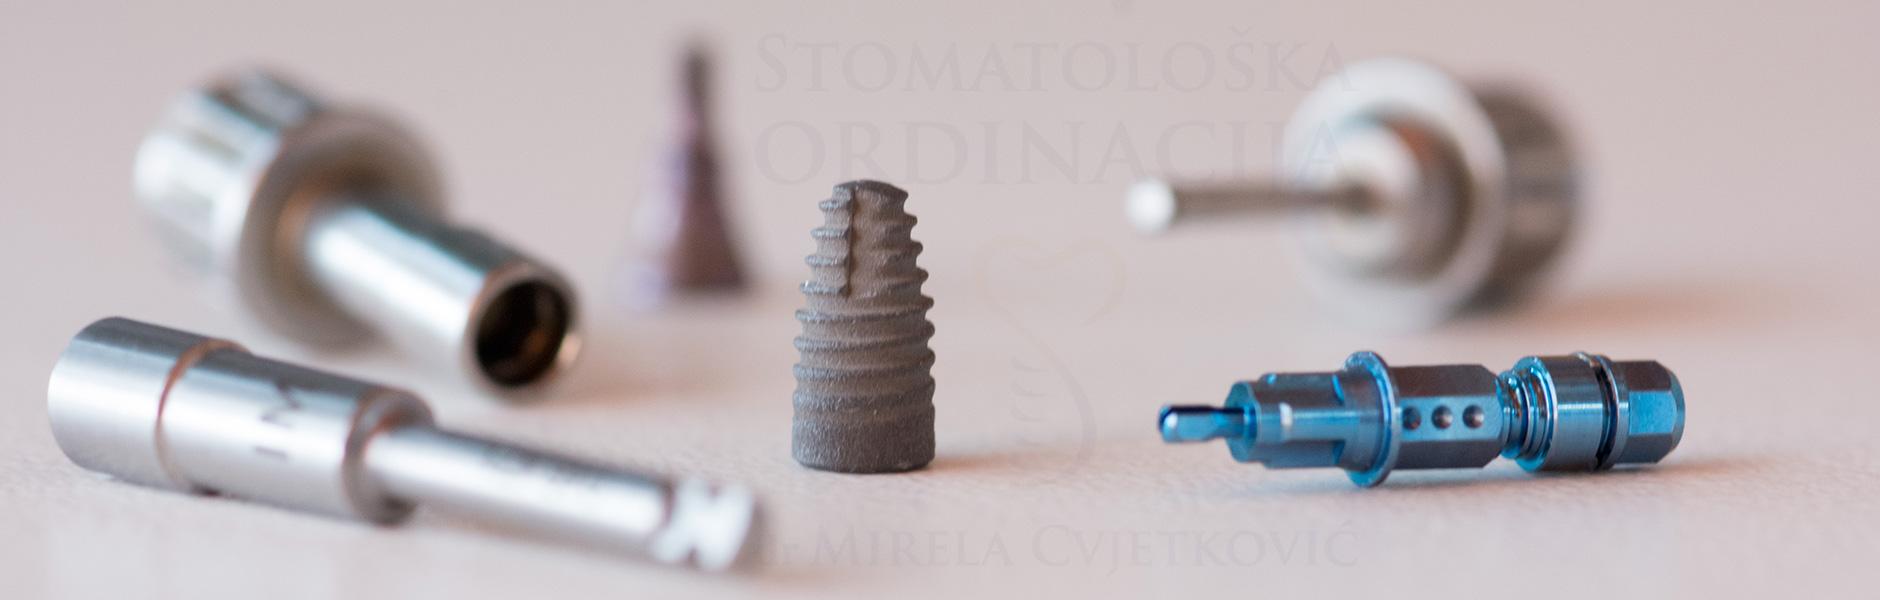 Sve što bi trebalo da znate o zubnim implantima!